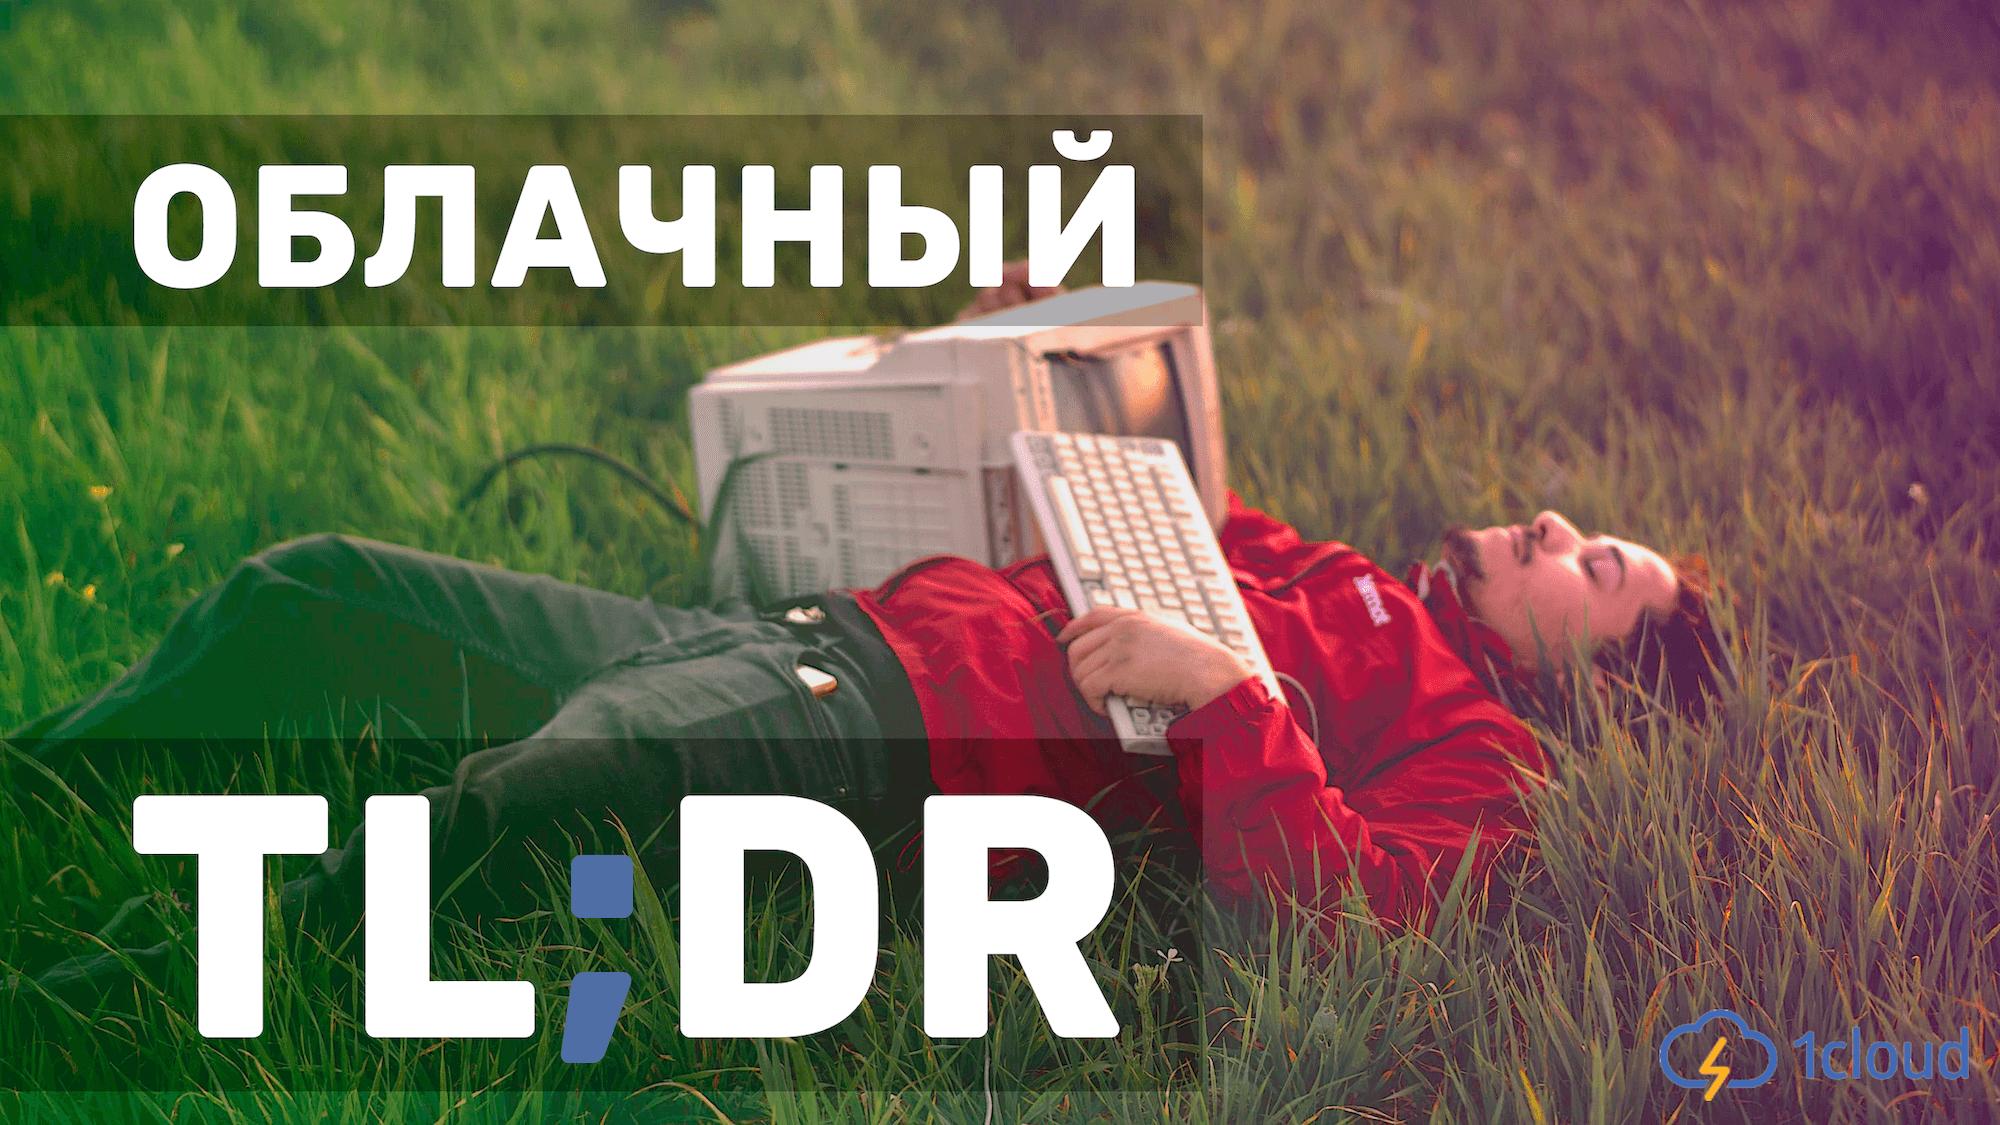 Облачный TL;DR: зачем открывать проекты, как относиться к разработчикам и пара слов о ПД и ИБ / Блог компании 1cloud.ru / Хабр